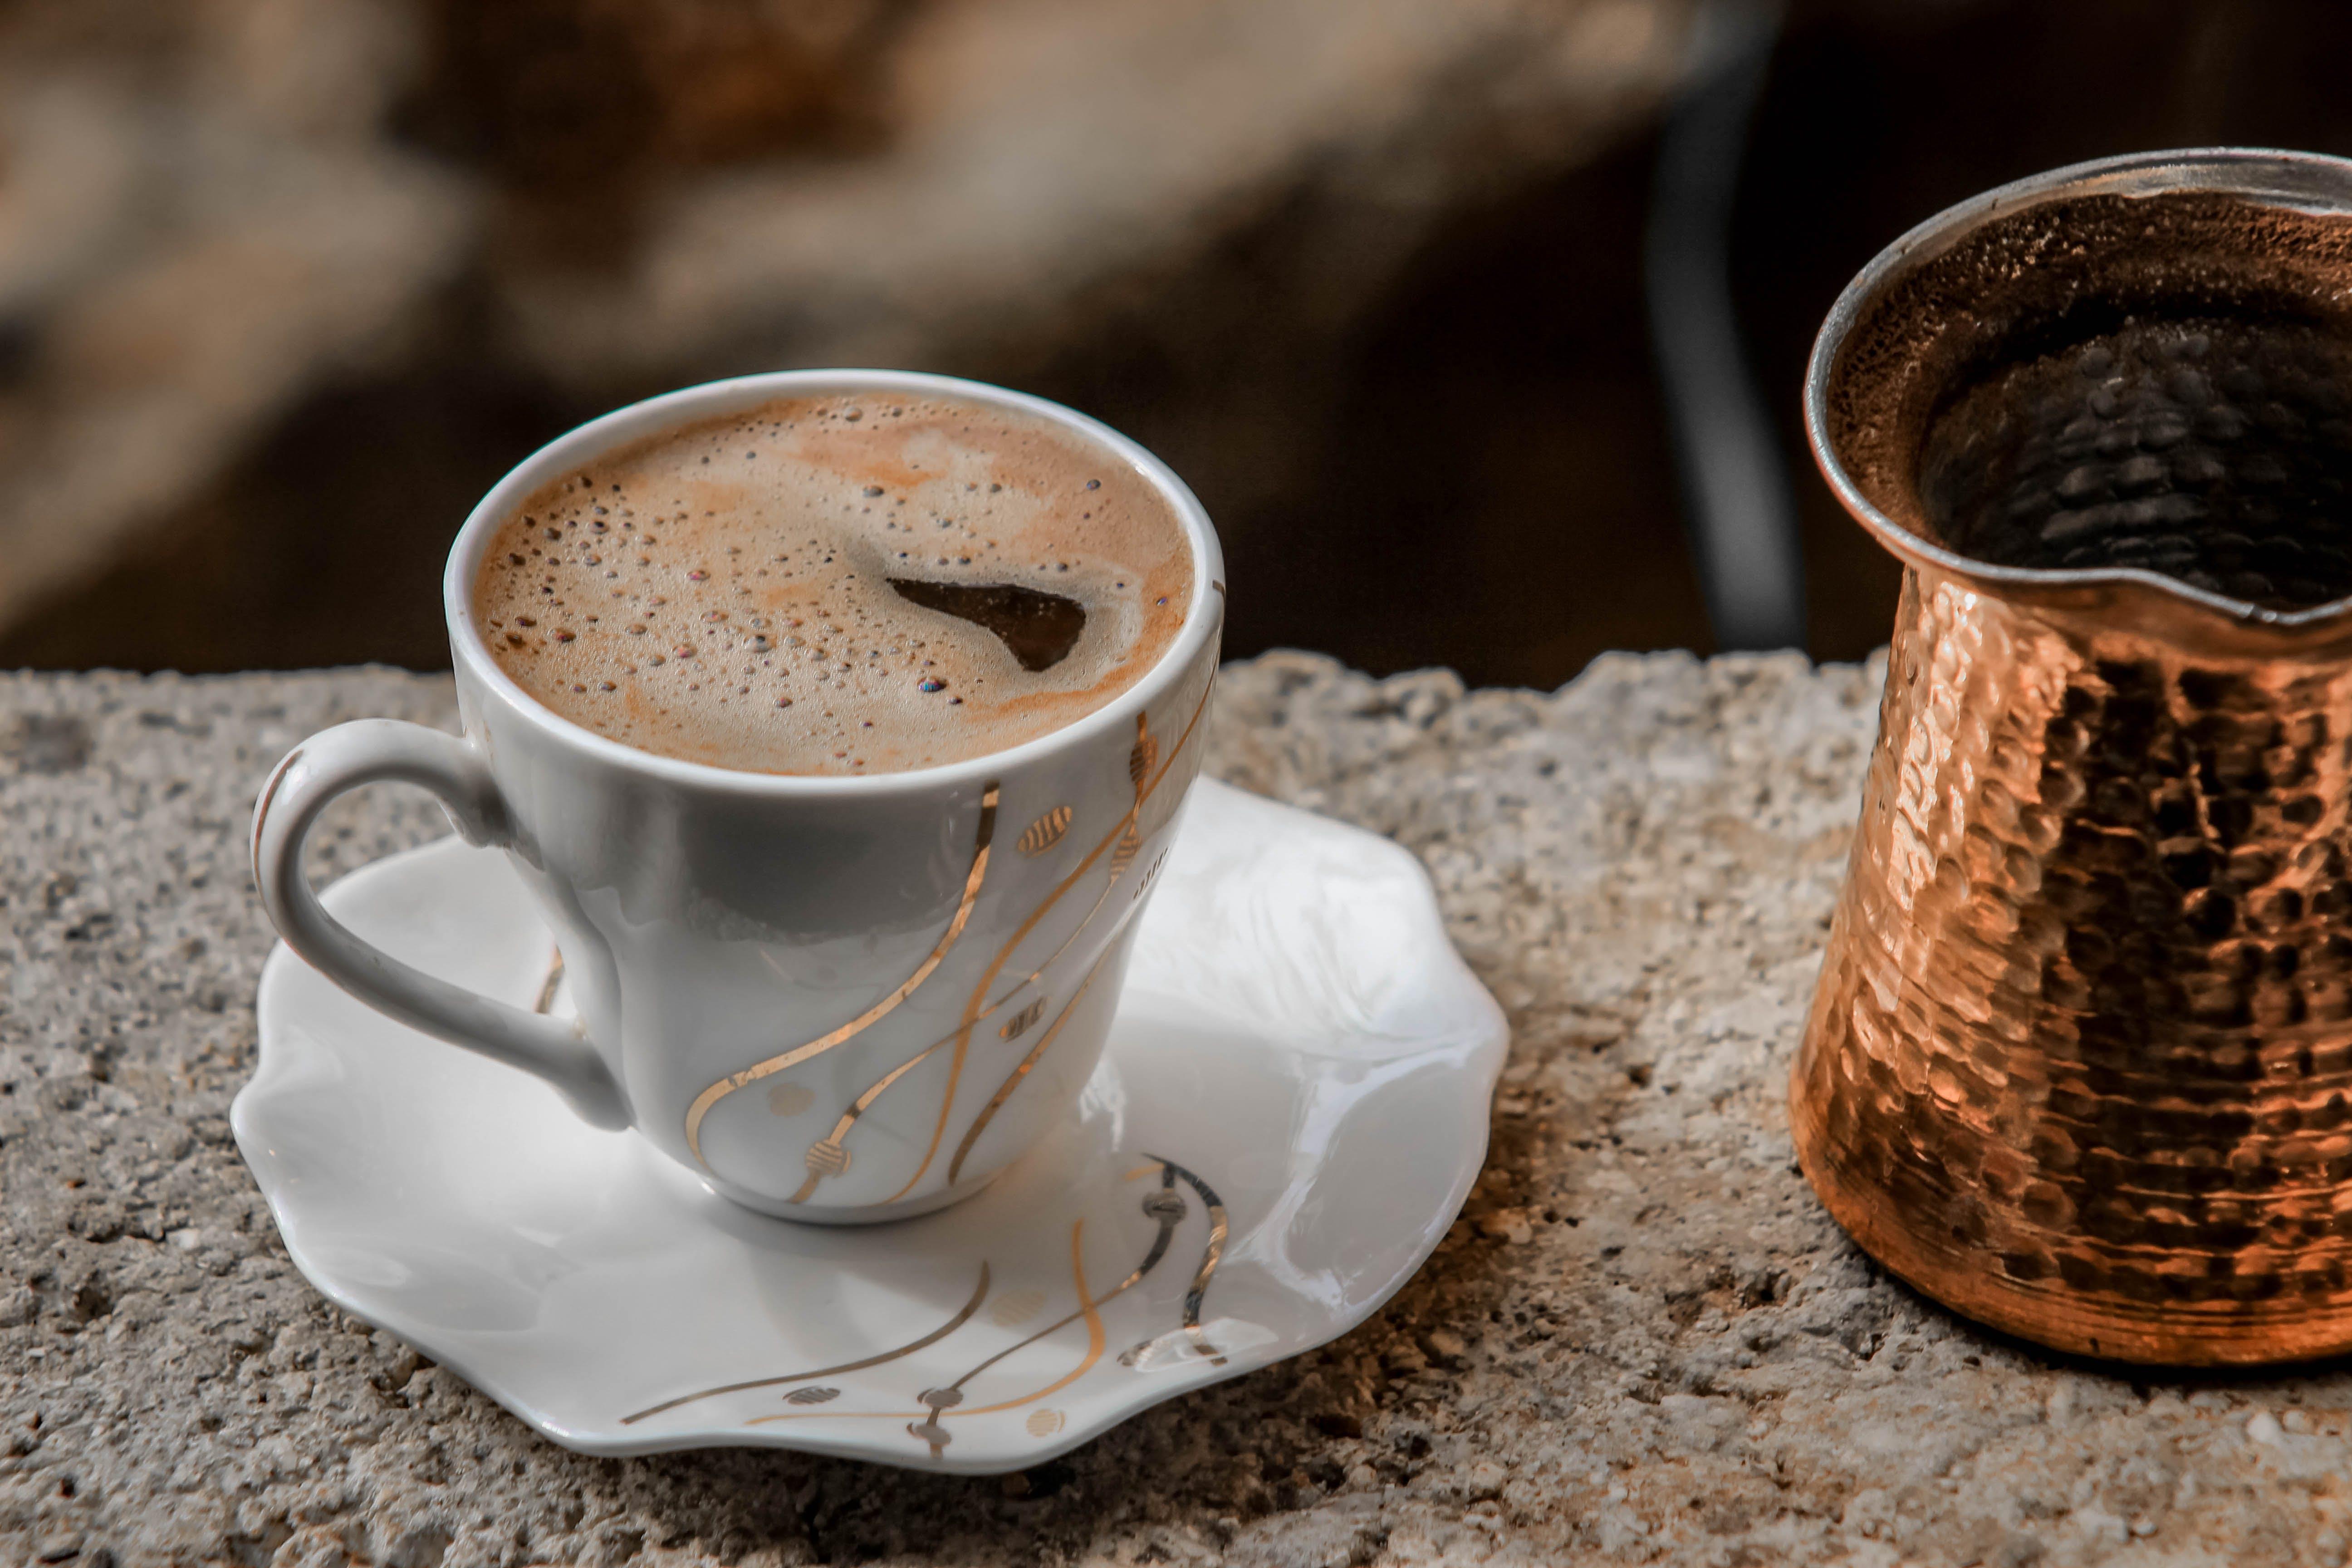 Kostenloses Stock Foto zu espresso, heisses getränk, kaffee, kaffee trinken